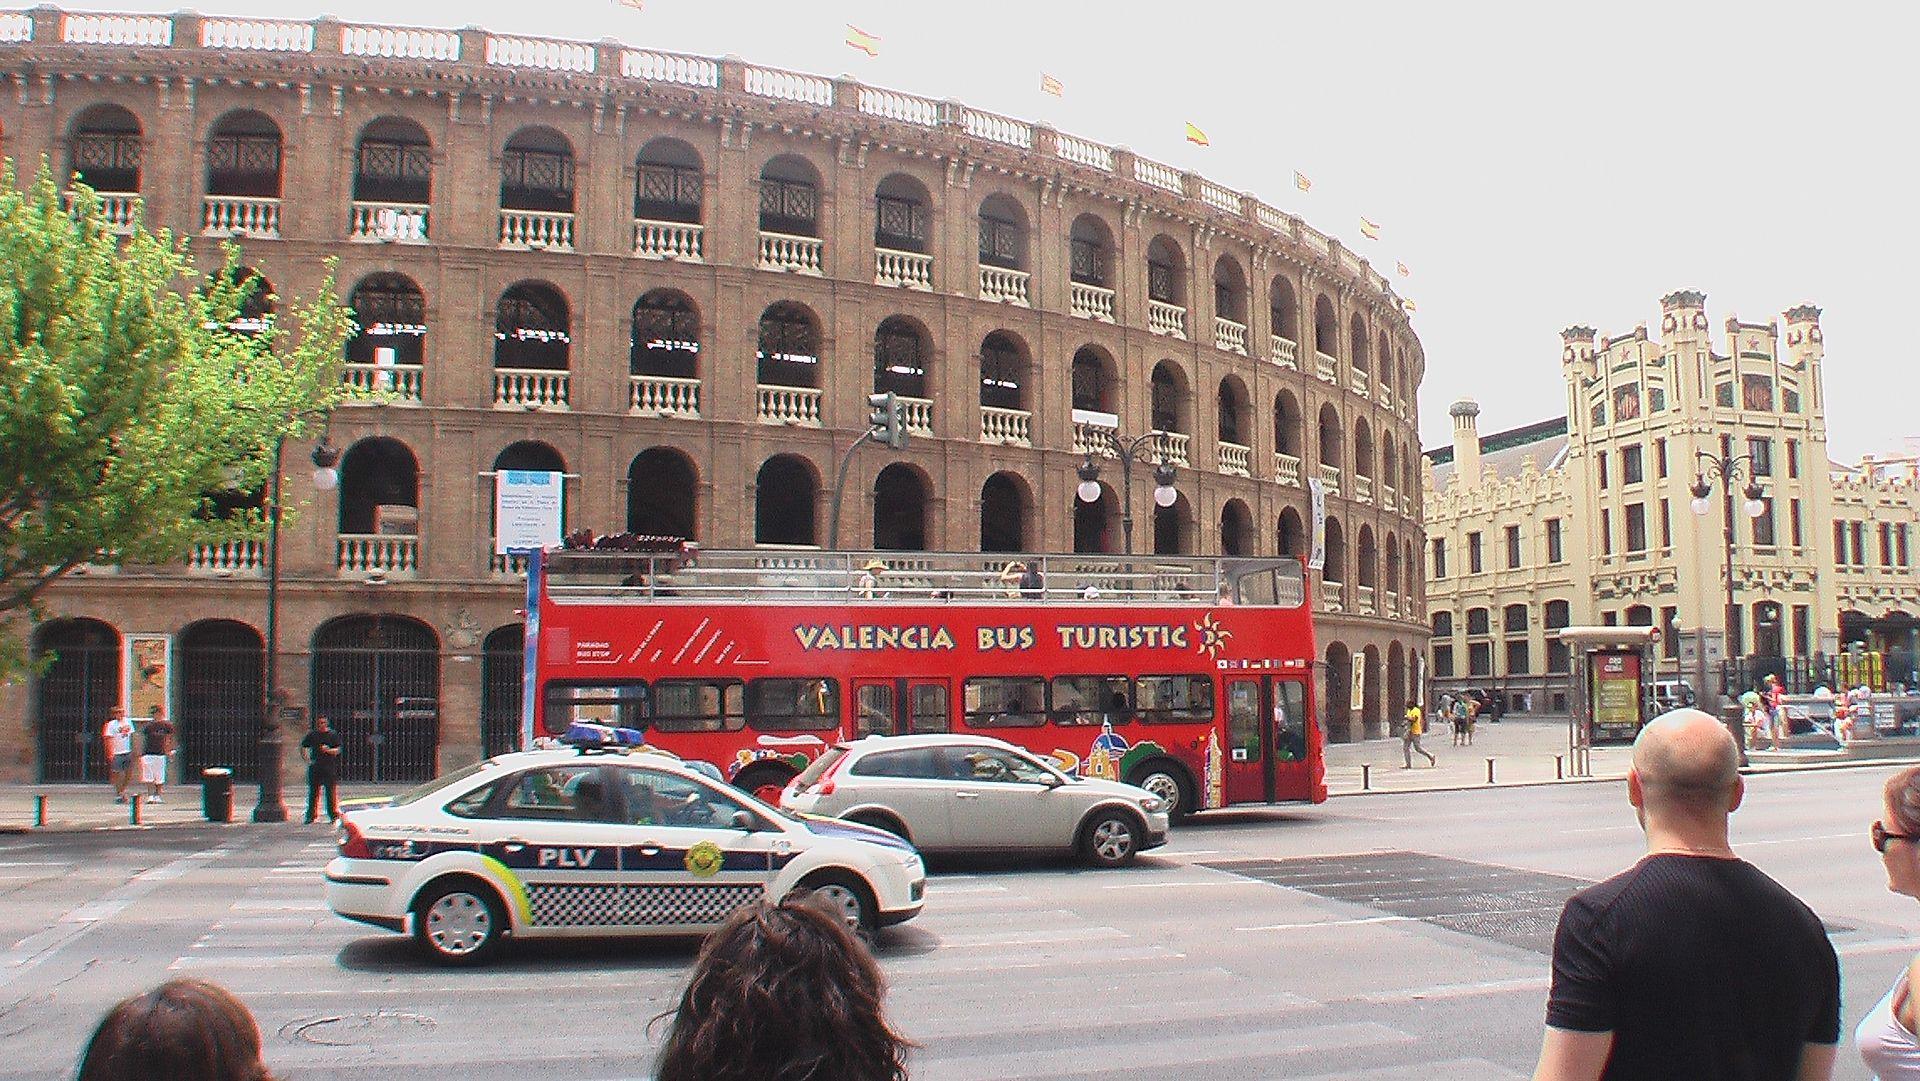 Fotos 360 Plaza de toros #VidePan por #Valencia